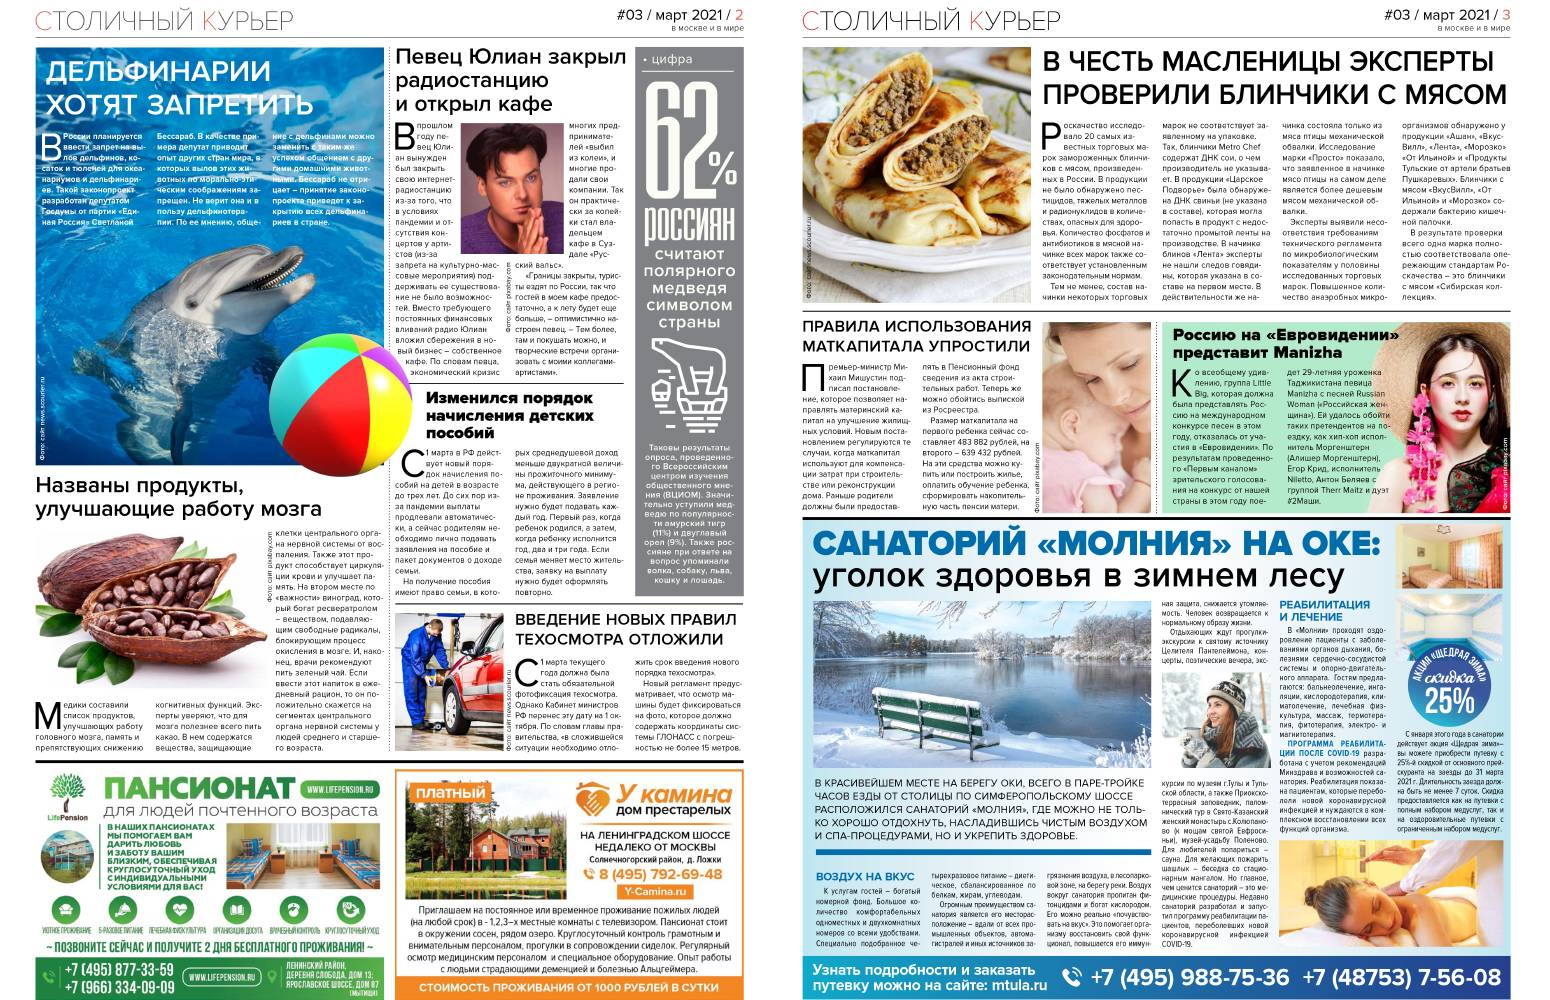 """Первый весенний номер """"Столичного курьера"""